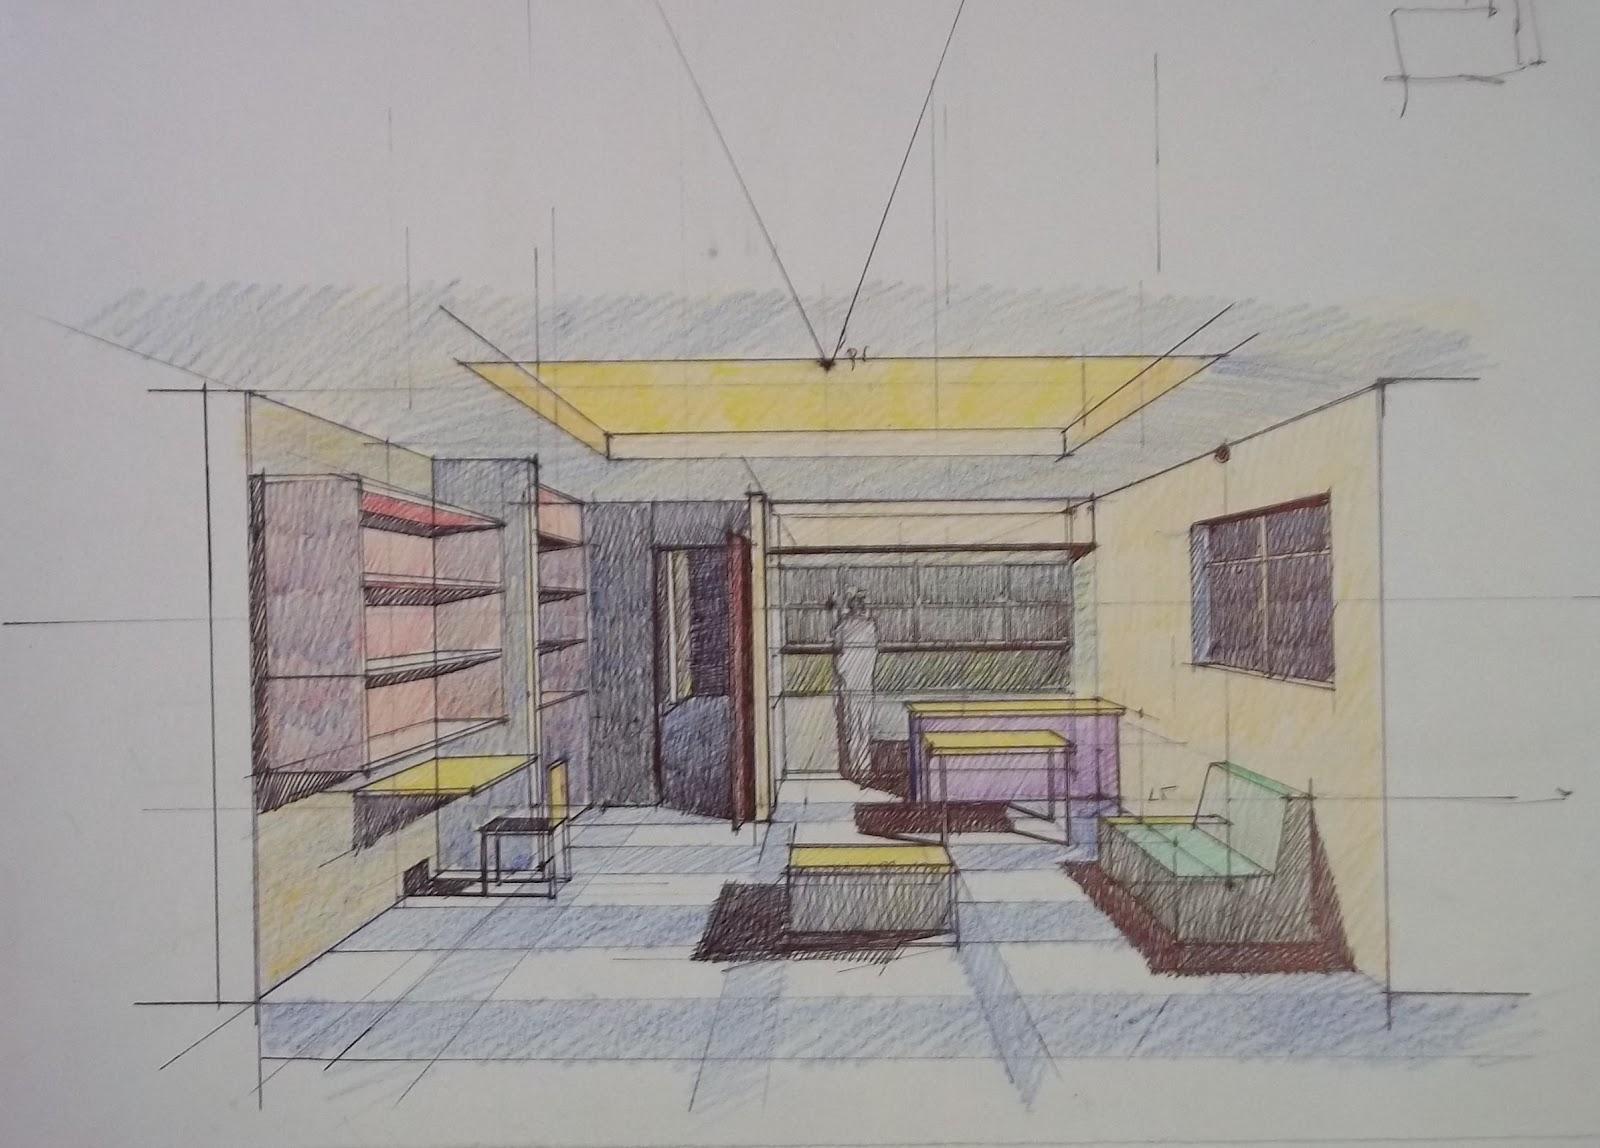 Luis fernando robles m espacio en construcci n for Interior 1 arquitectura